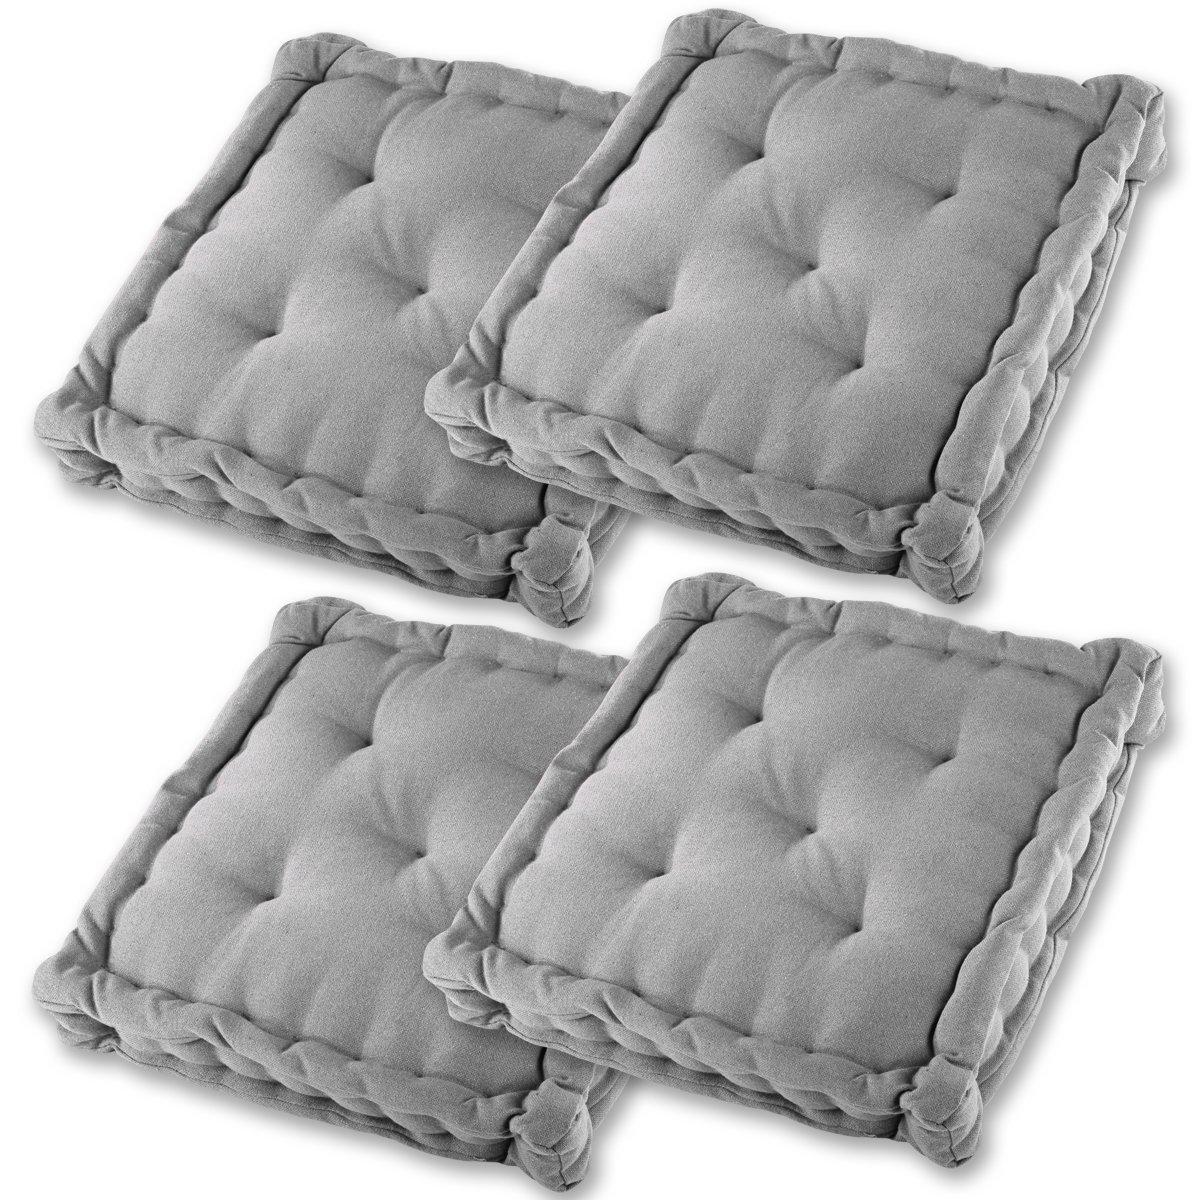 Gräfenstayn set di 4 cuscini per sedia 40x40x9cm da interni ed esterno in 100% cotone - colori diversi - imbottitura spessa cuscino trapuntato / cuscino da pavimento - certificato Öko-Tex Standard 100 (Beige) Torrex